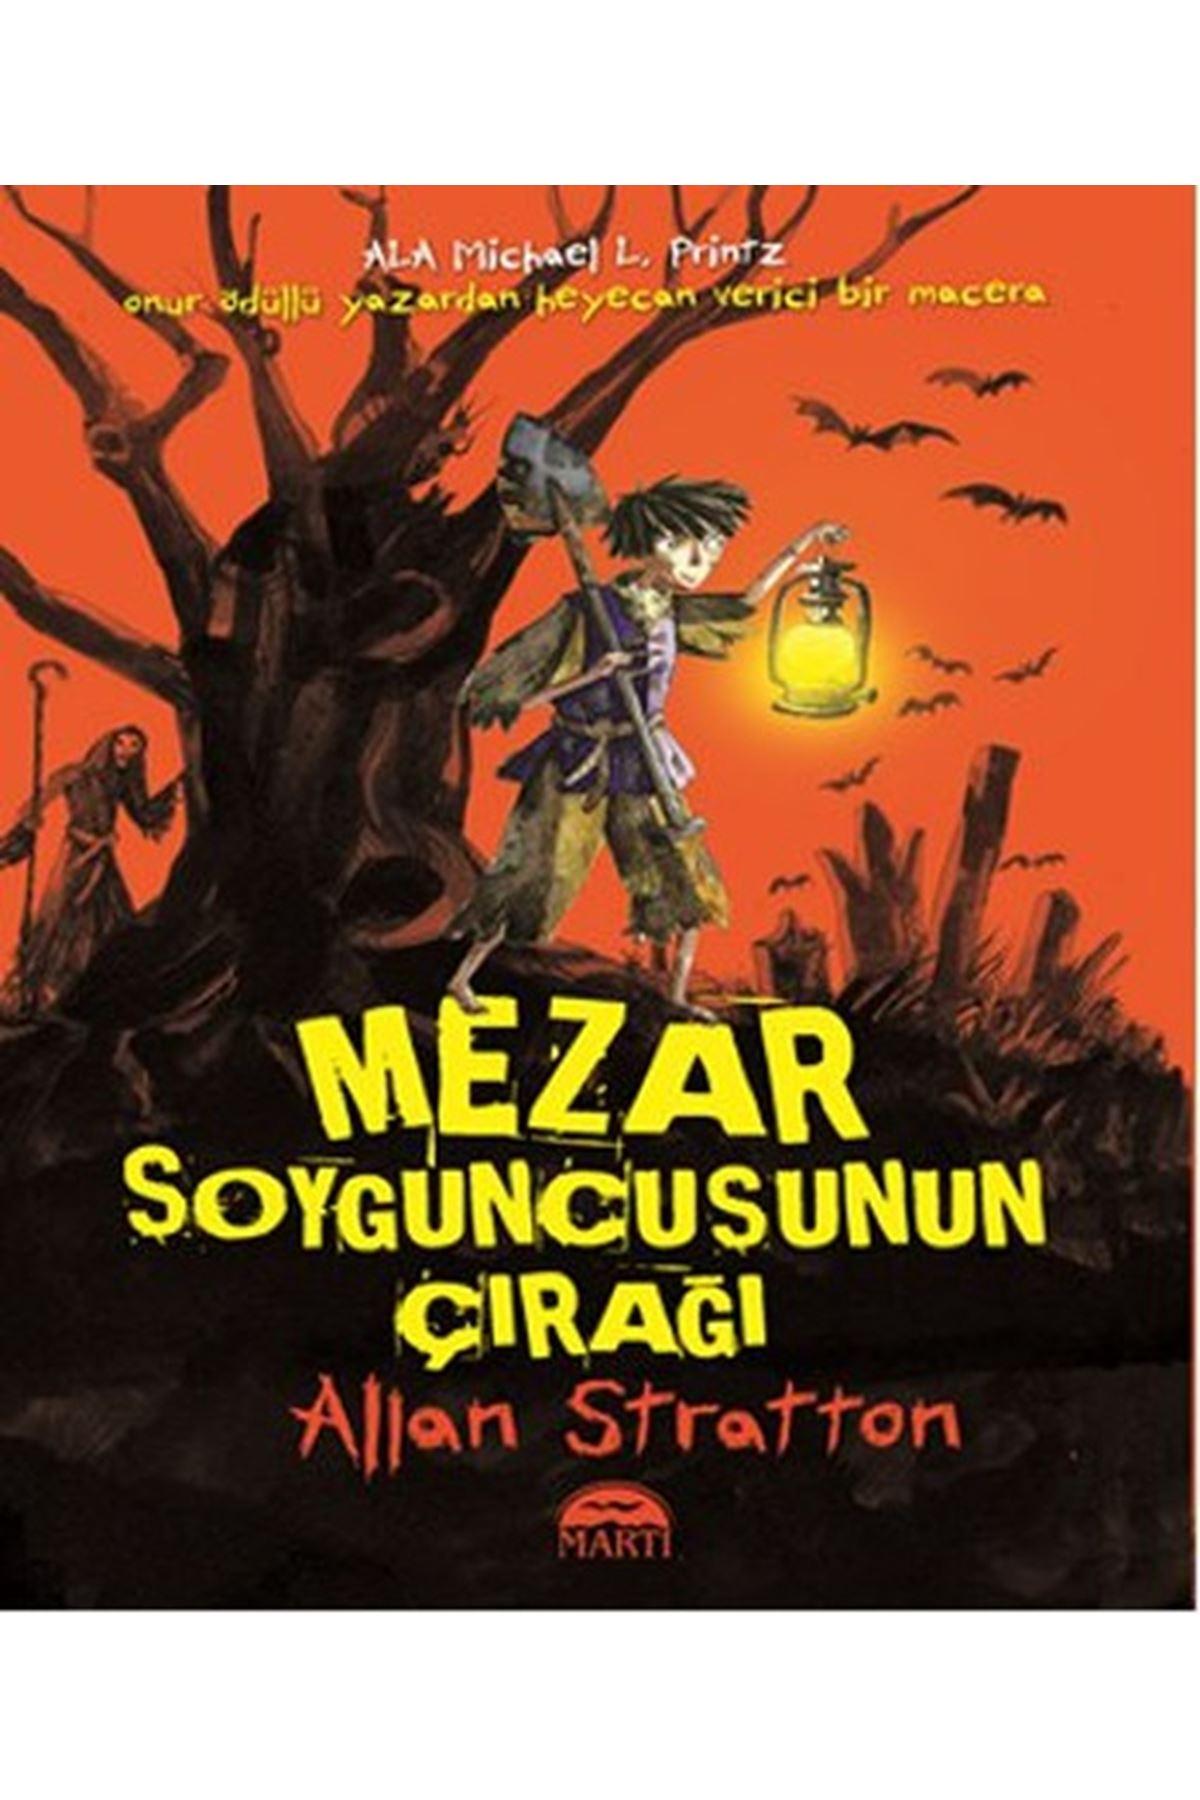 ALLAN STRATTON - MEZAR SOYGUNCUSUNUN ÇIRAĞI